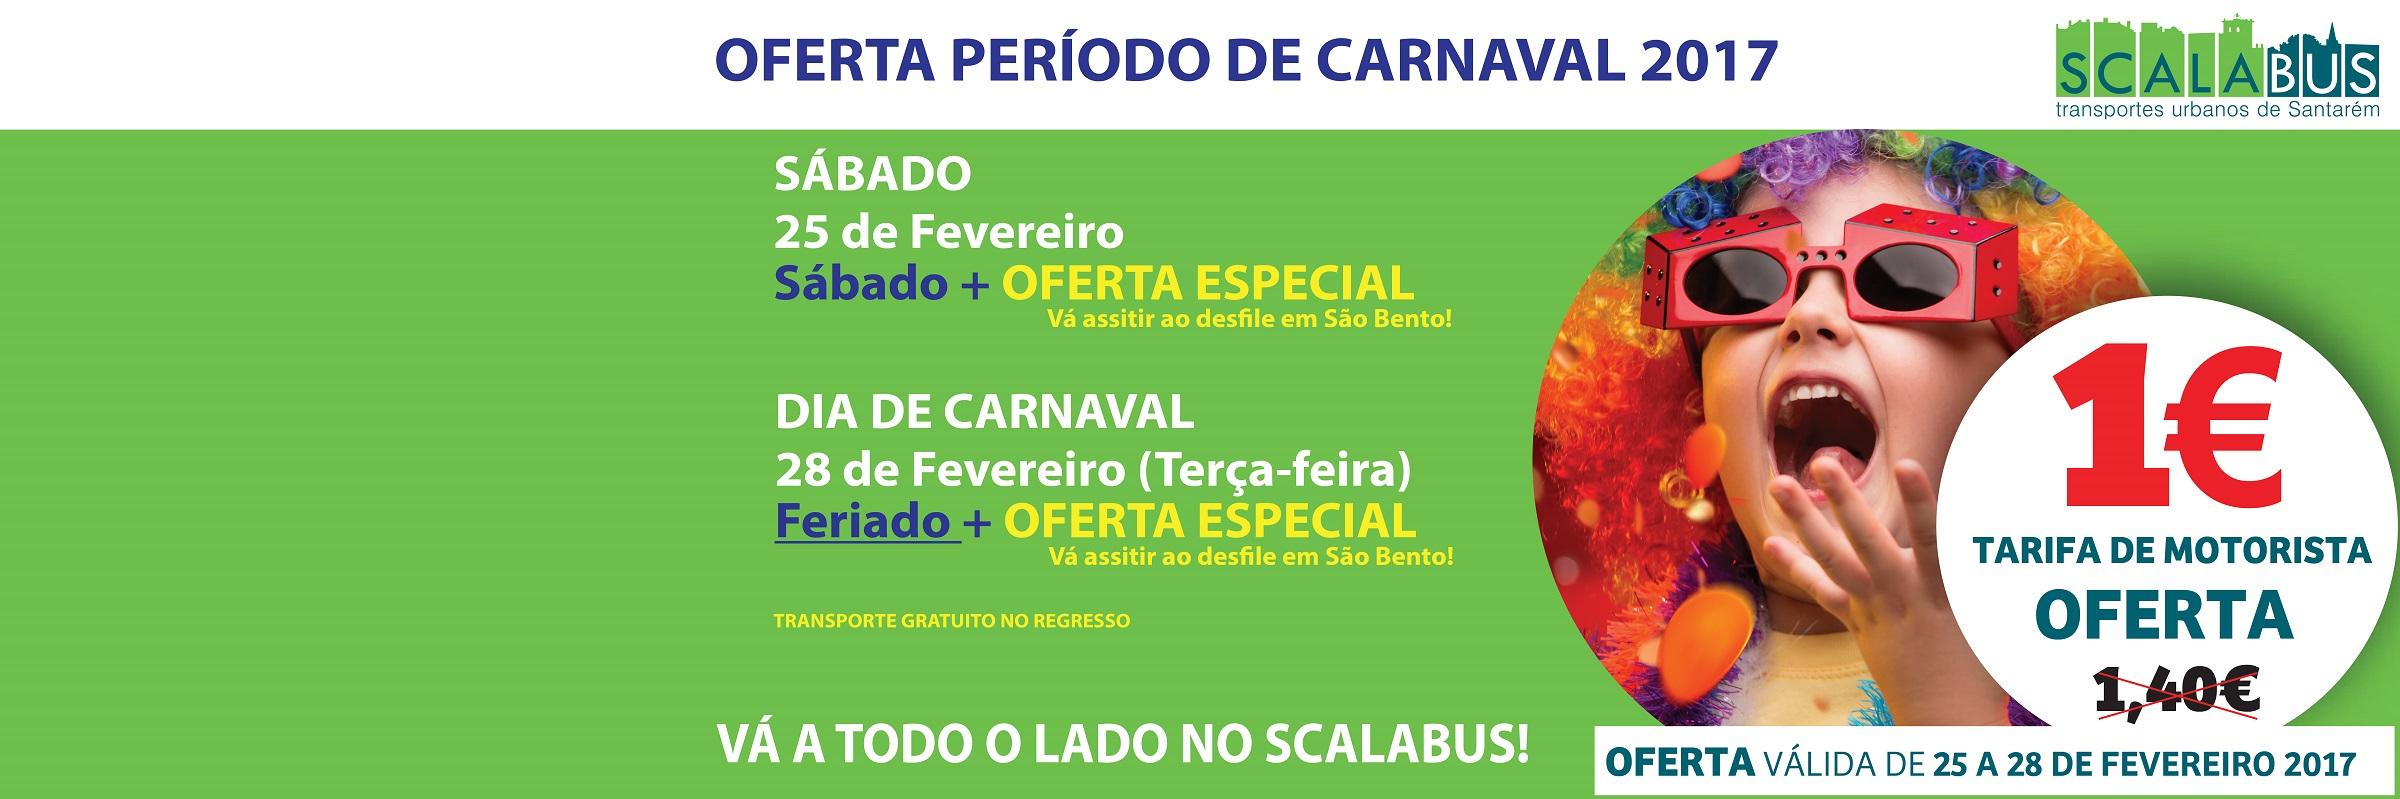 banner-carn-scalabus